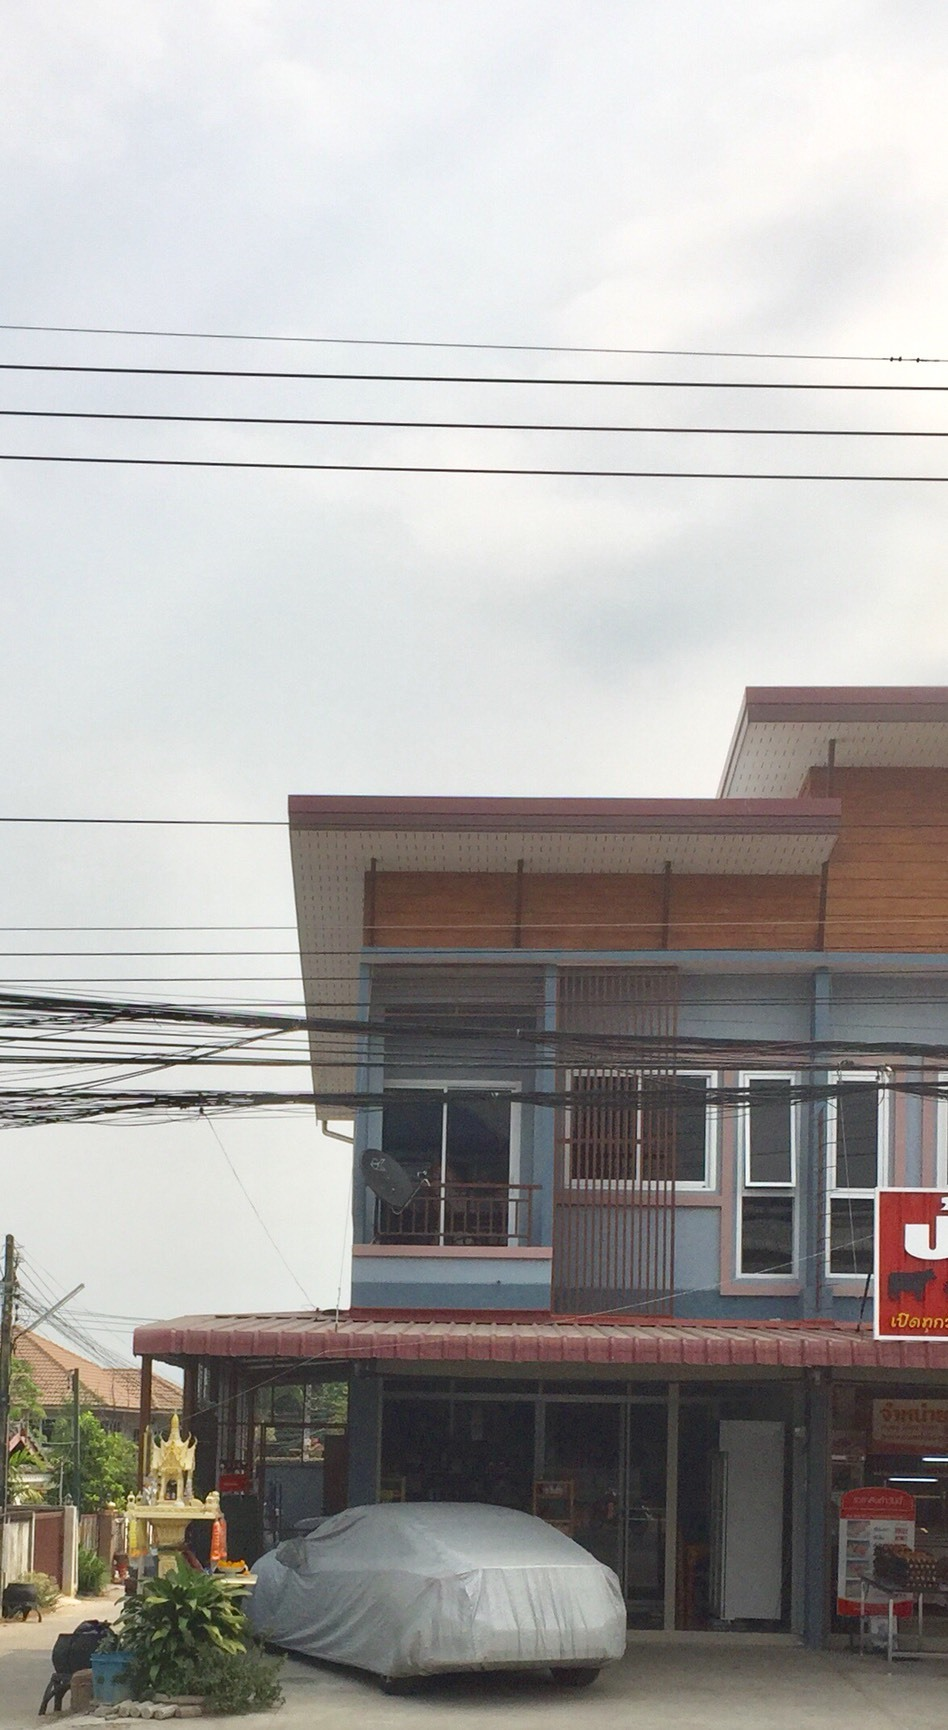 ขายอาคารพาณิชย์ ตึกแถว  2 ชั้น  แม่ริม เชียงใหม่